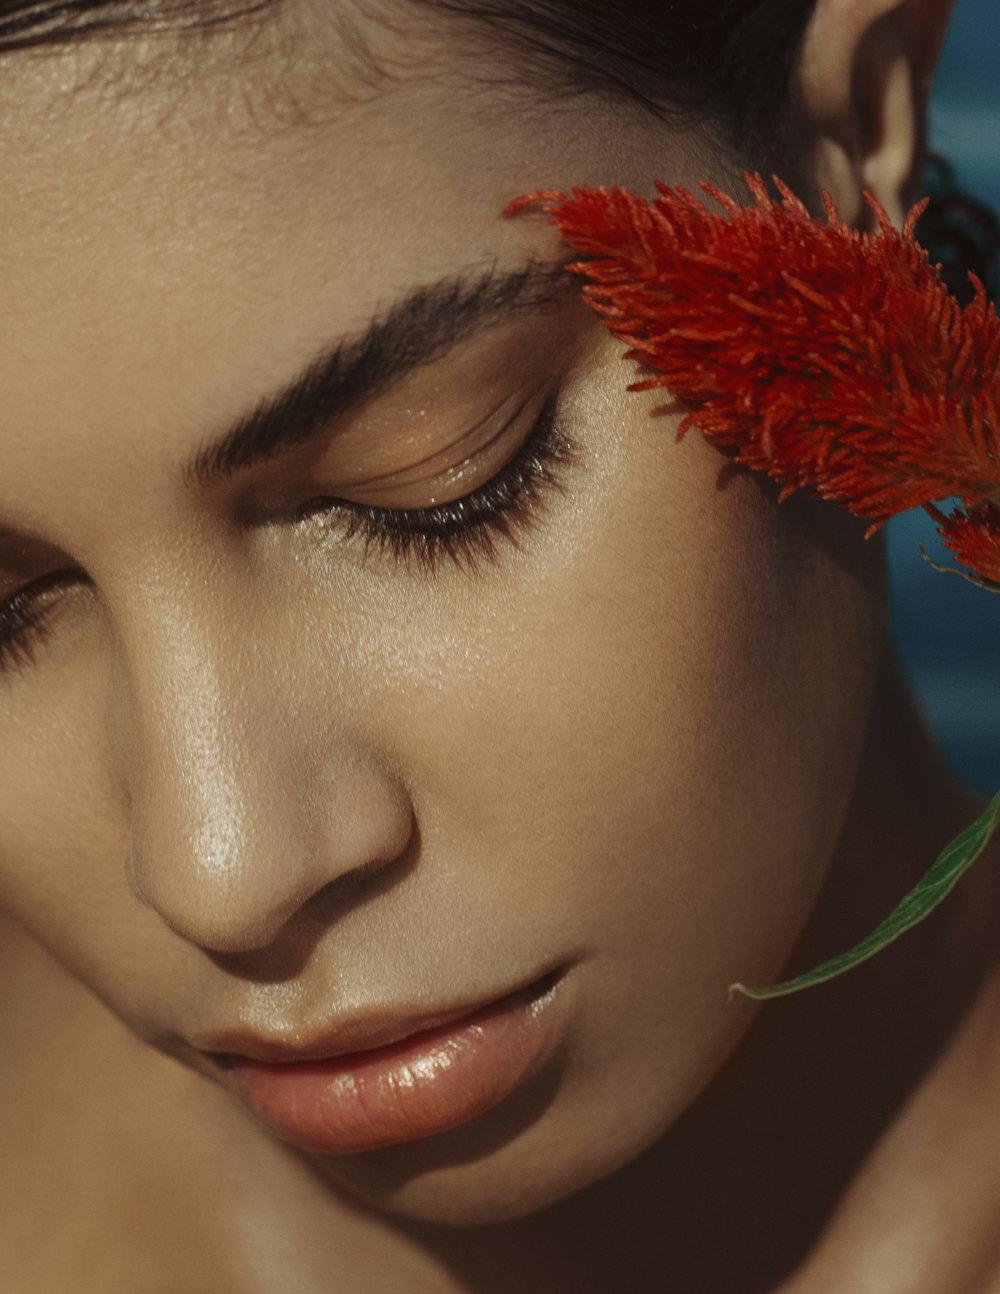 Vogue_Portugal_Oct_Beauty-1.jpg